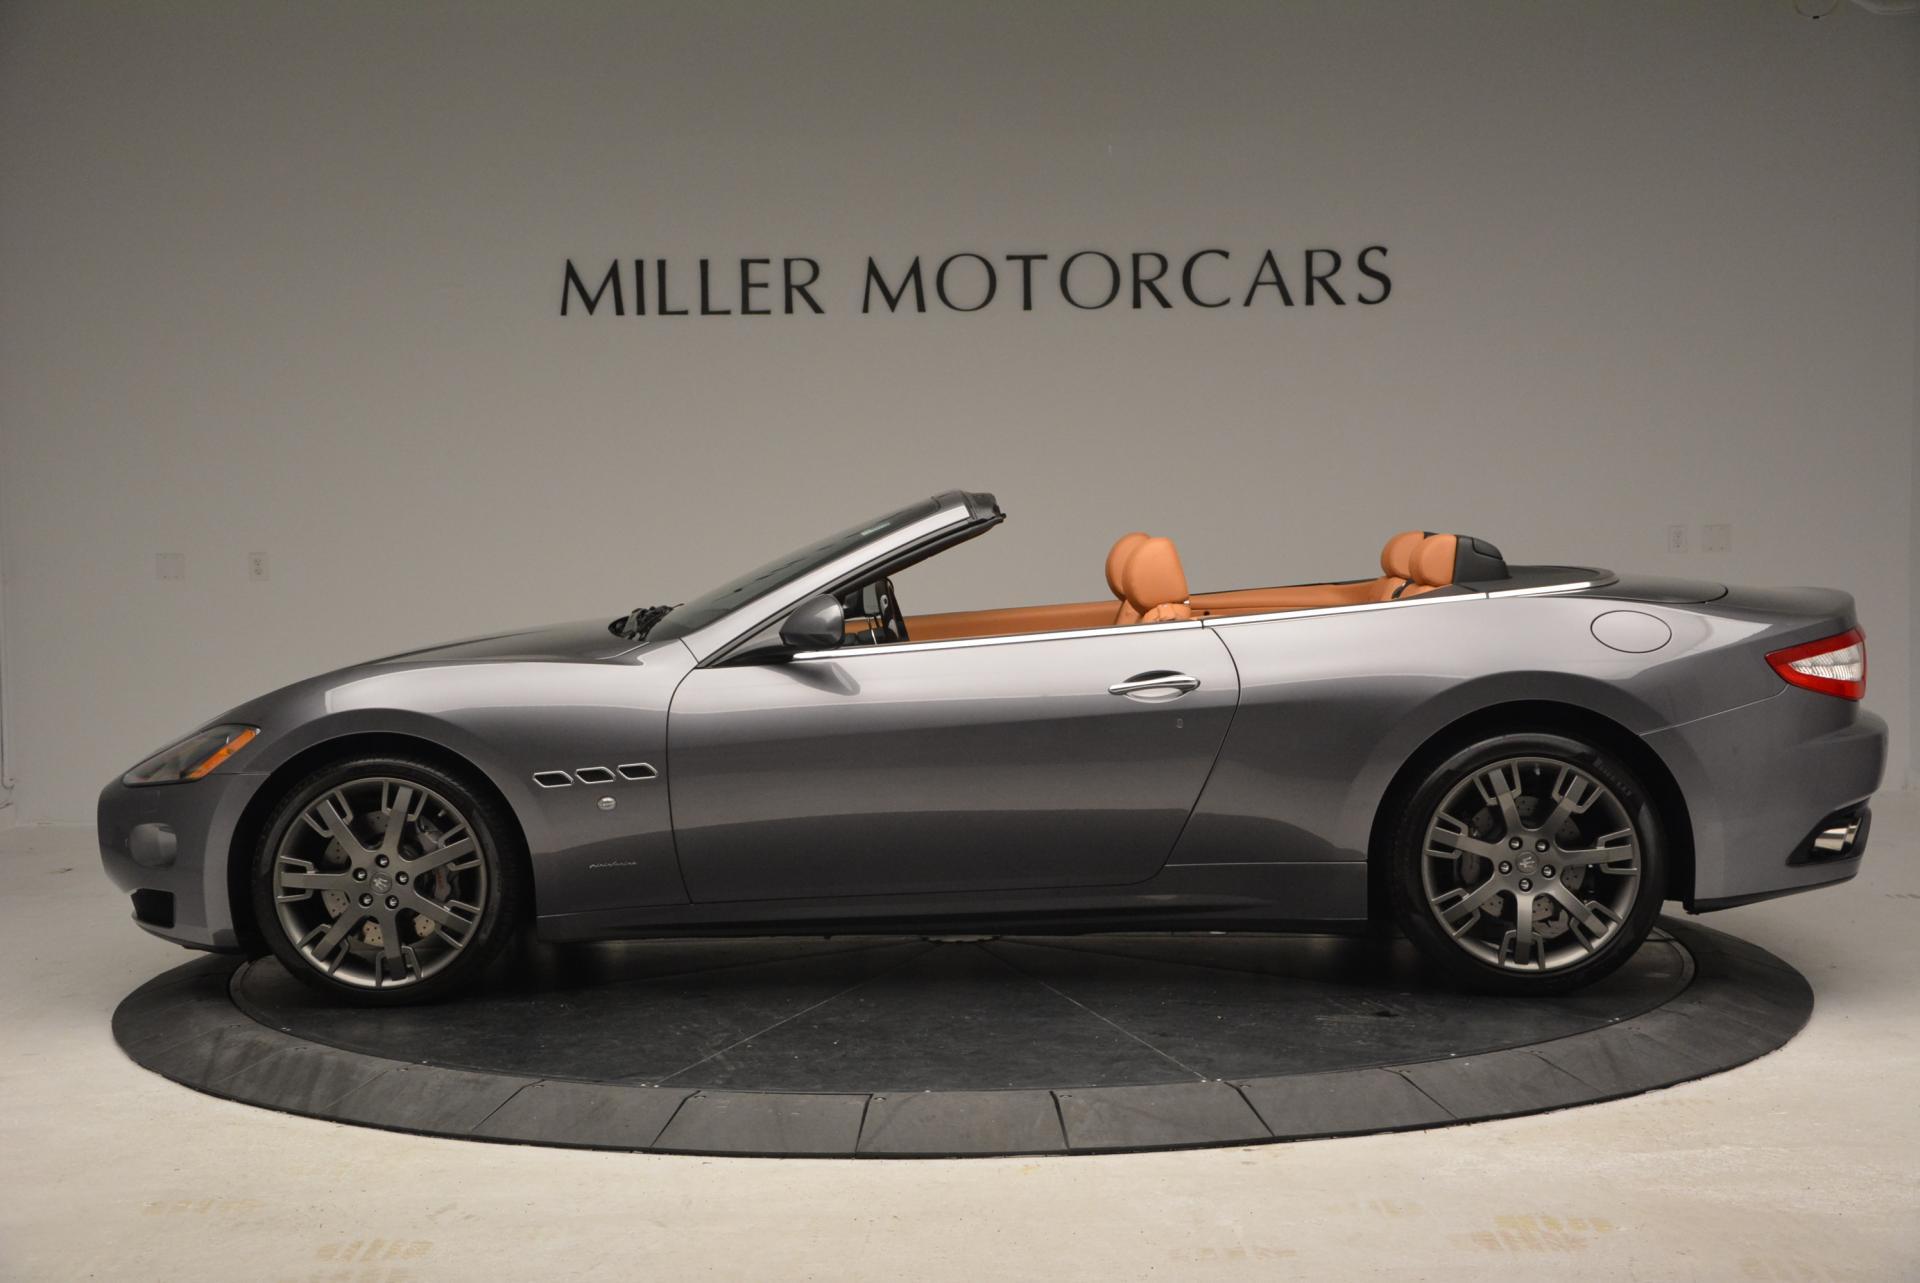 Used 2012 Maserati GranTurismo  For Sale In Greenwich, CT 161_p3